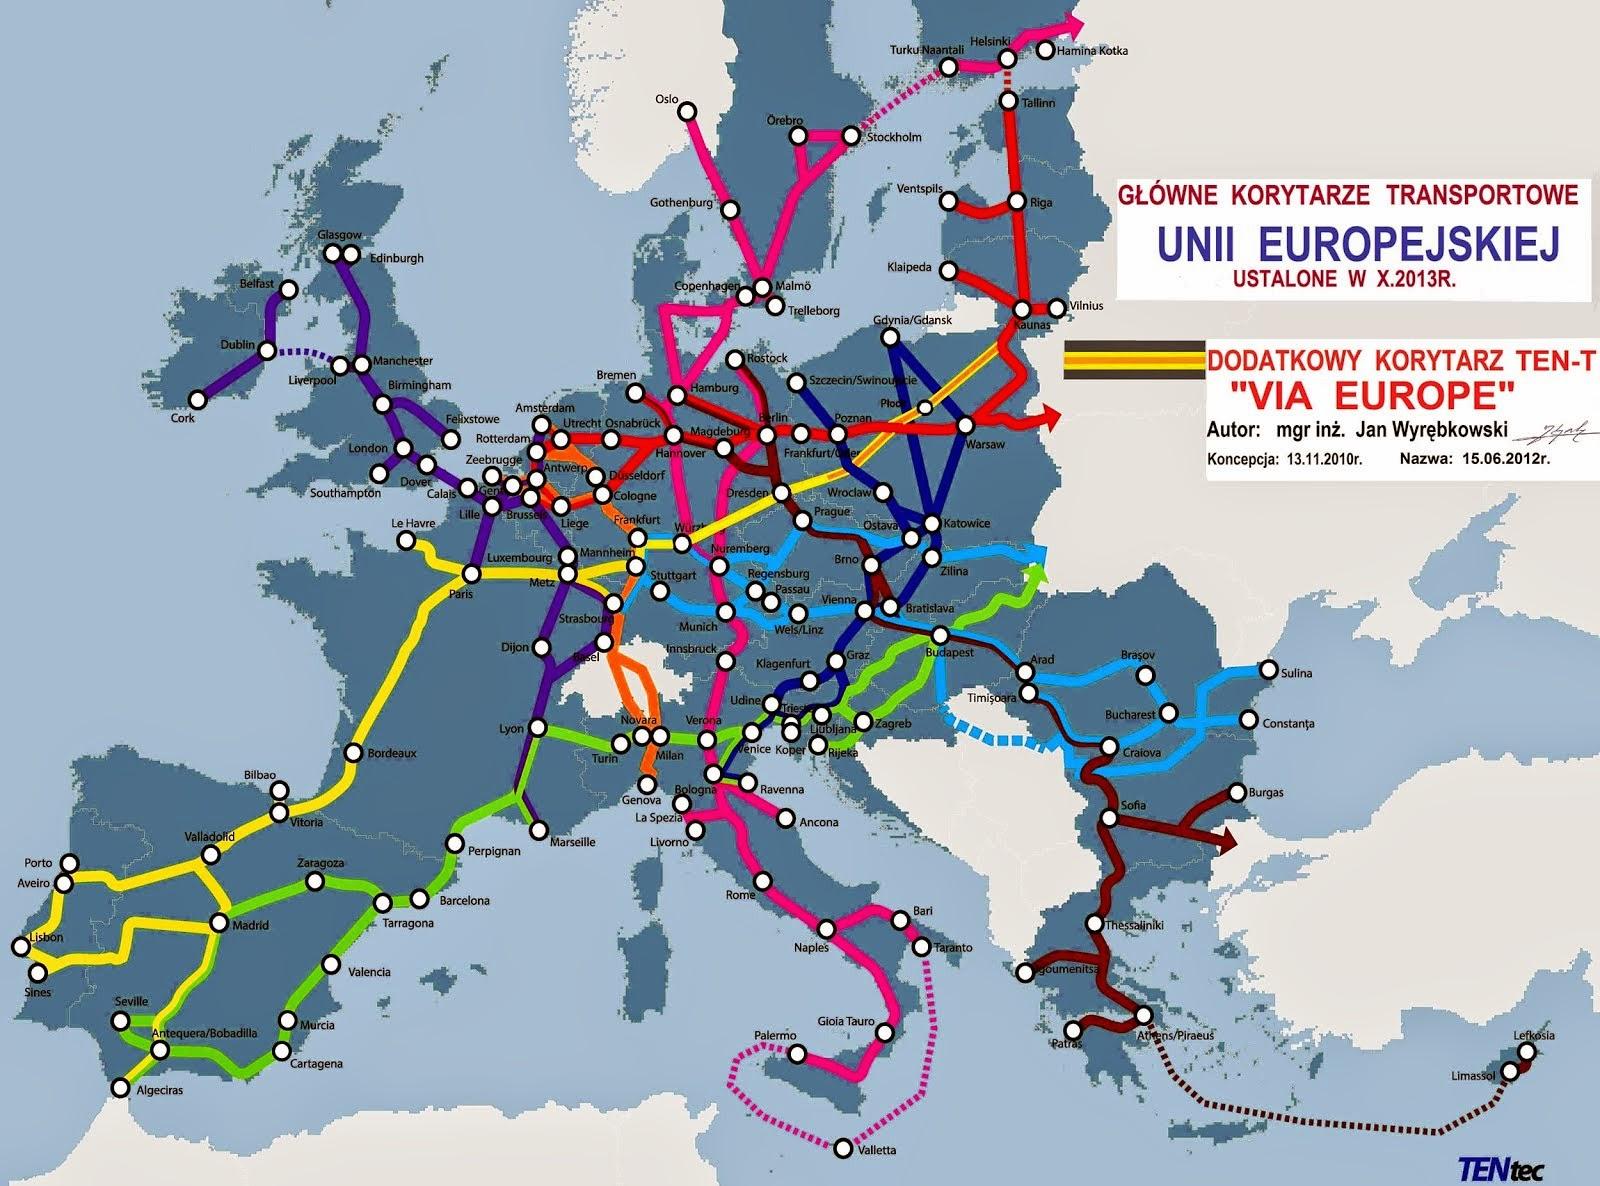 Unia Europejska z drogą Via Europe